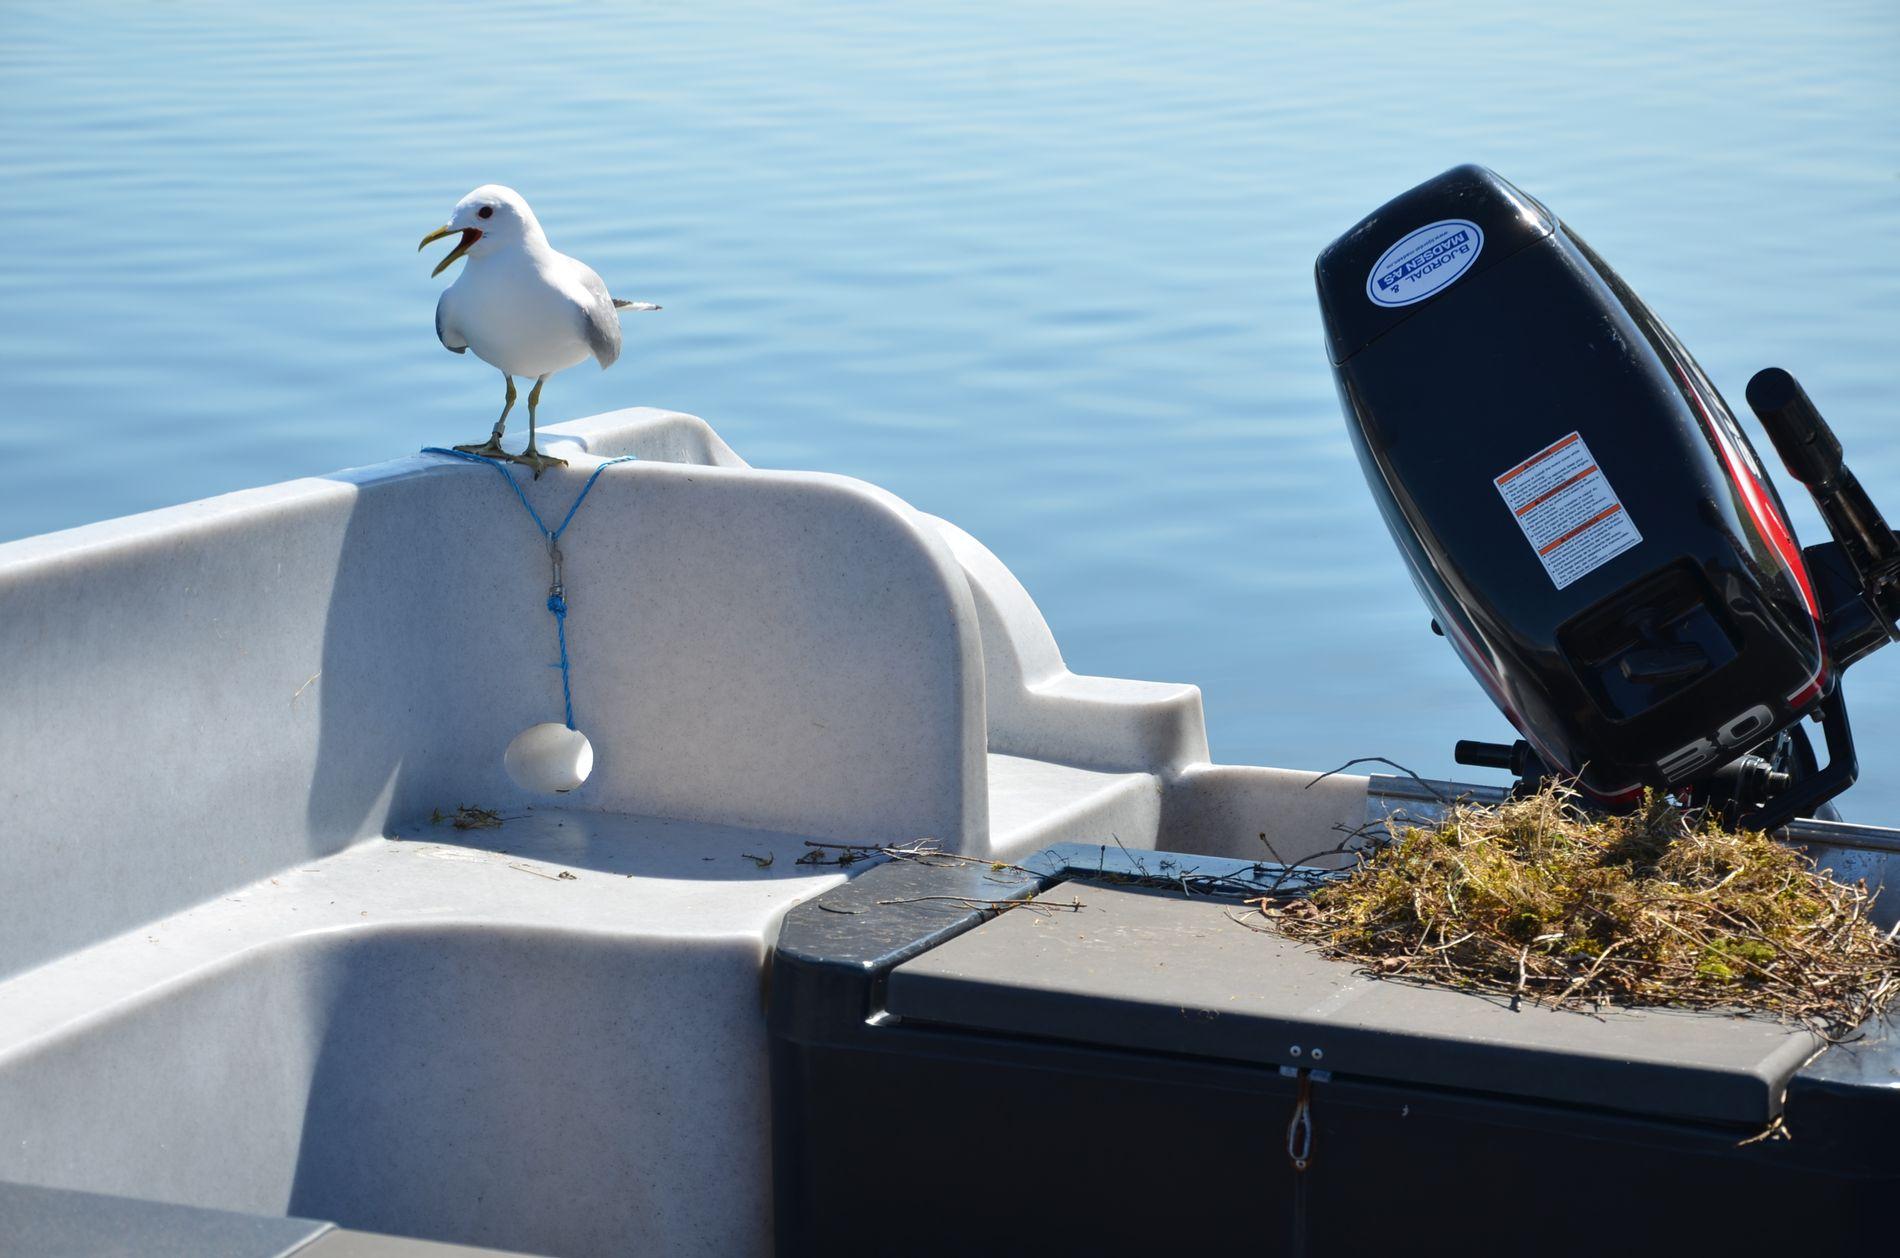 BÅTOKKUPANT: Fiskemåsen vokter over reiret i familien Laurantsens båt i Lindås. I pinsen måtte droppe båttur. Etter loven har de ikke anledning til å fjerne reiret.